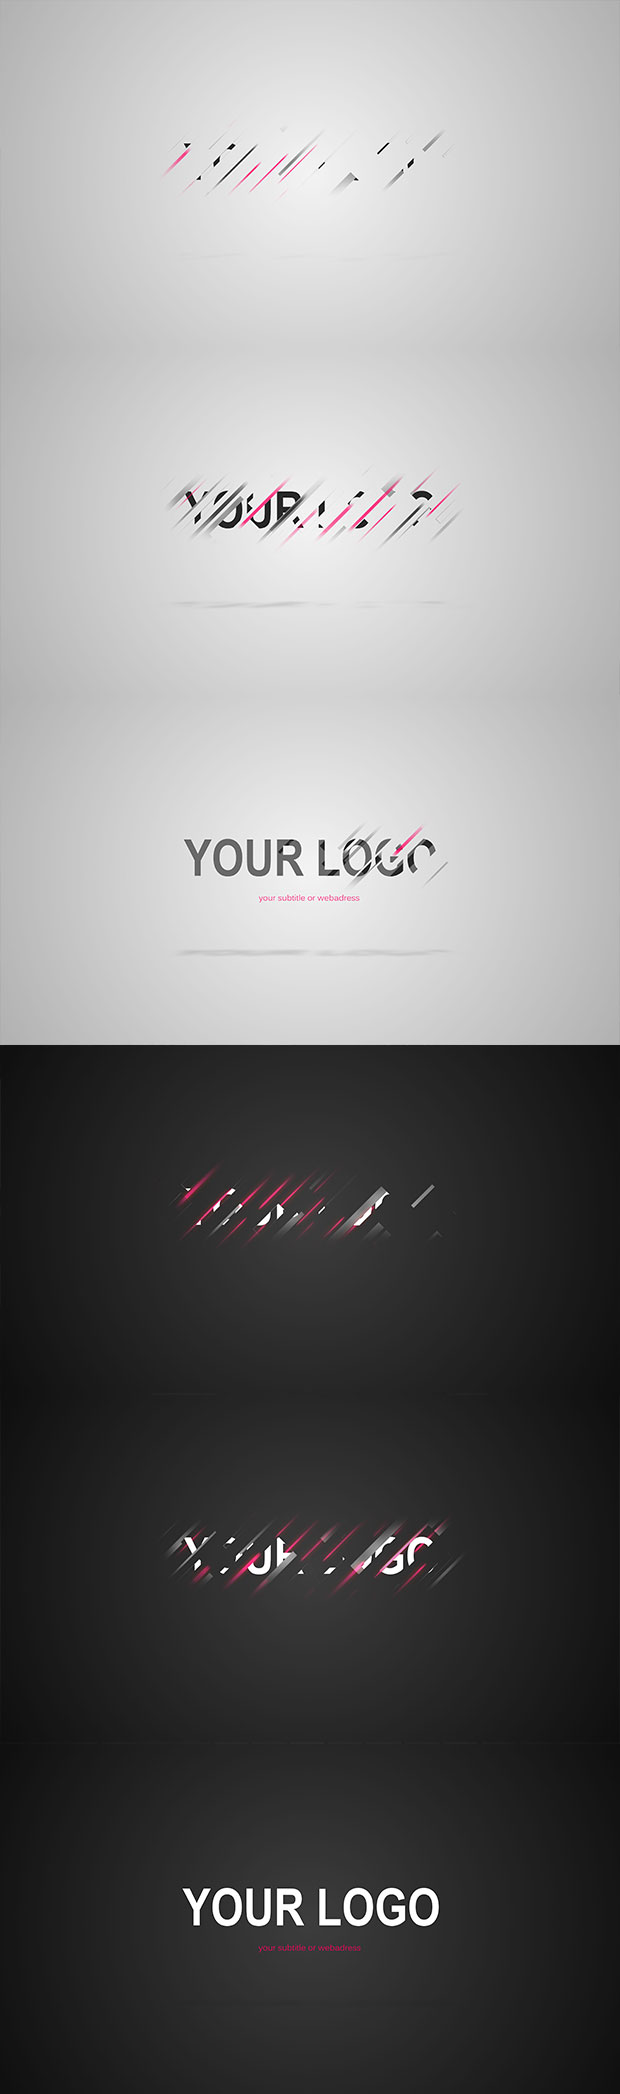 Stripes Logo - 1